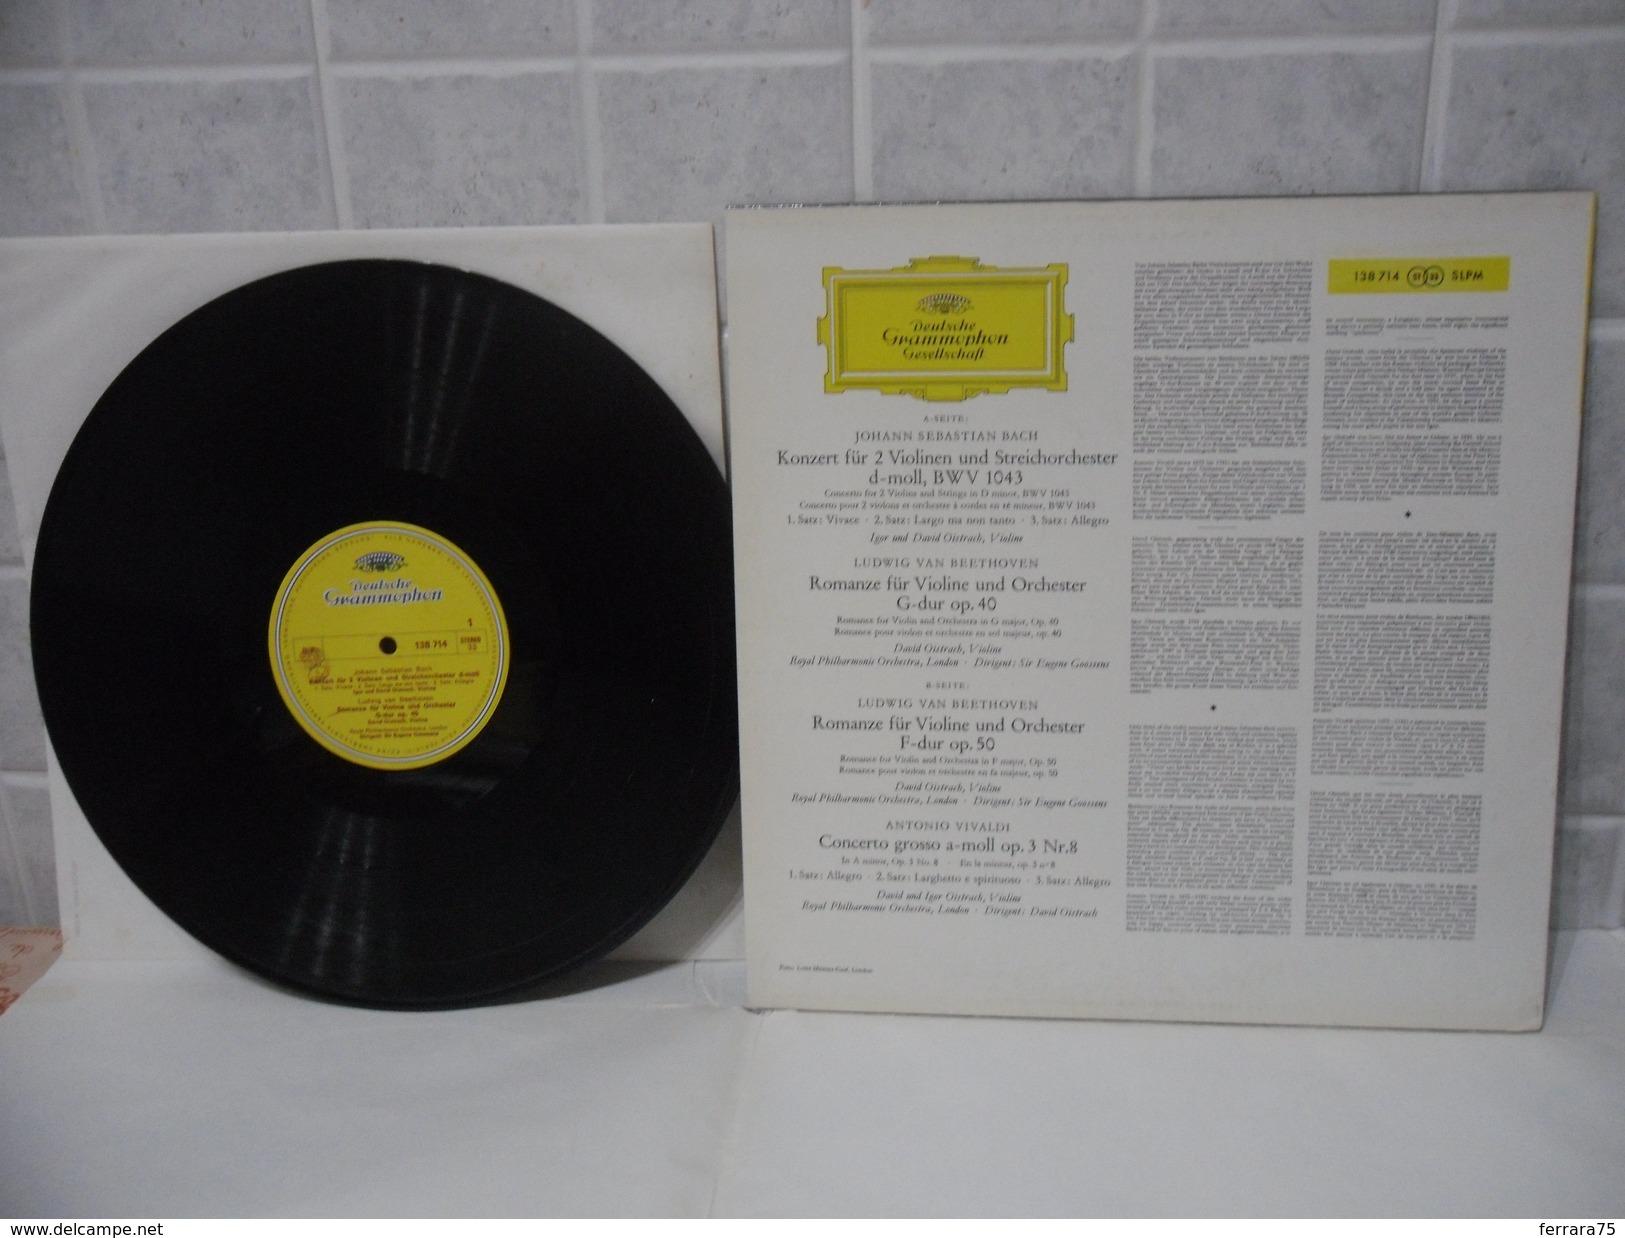 DISCO LP 33 GIRI DEUTSCHE GRAMMOPHON GESELLSCHAFT-DAVID UND IGOR OISTRACH. - Discos De Vinilo